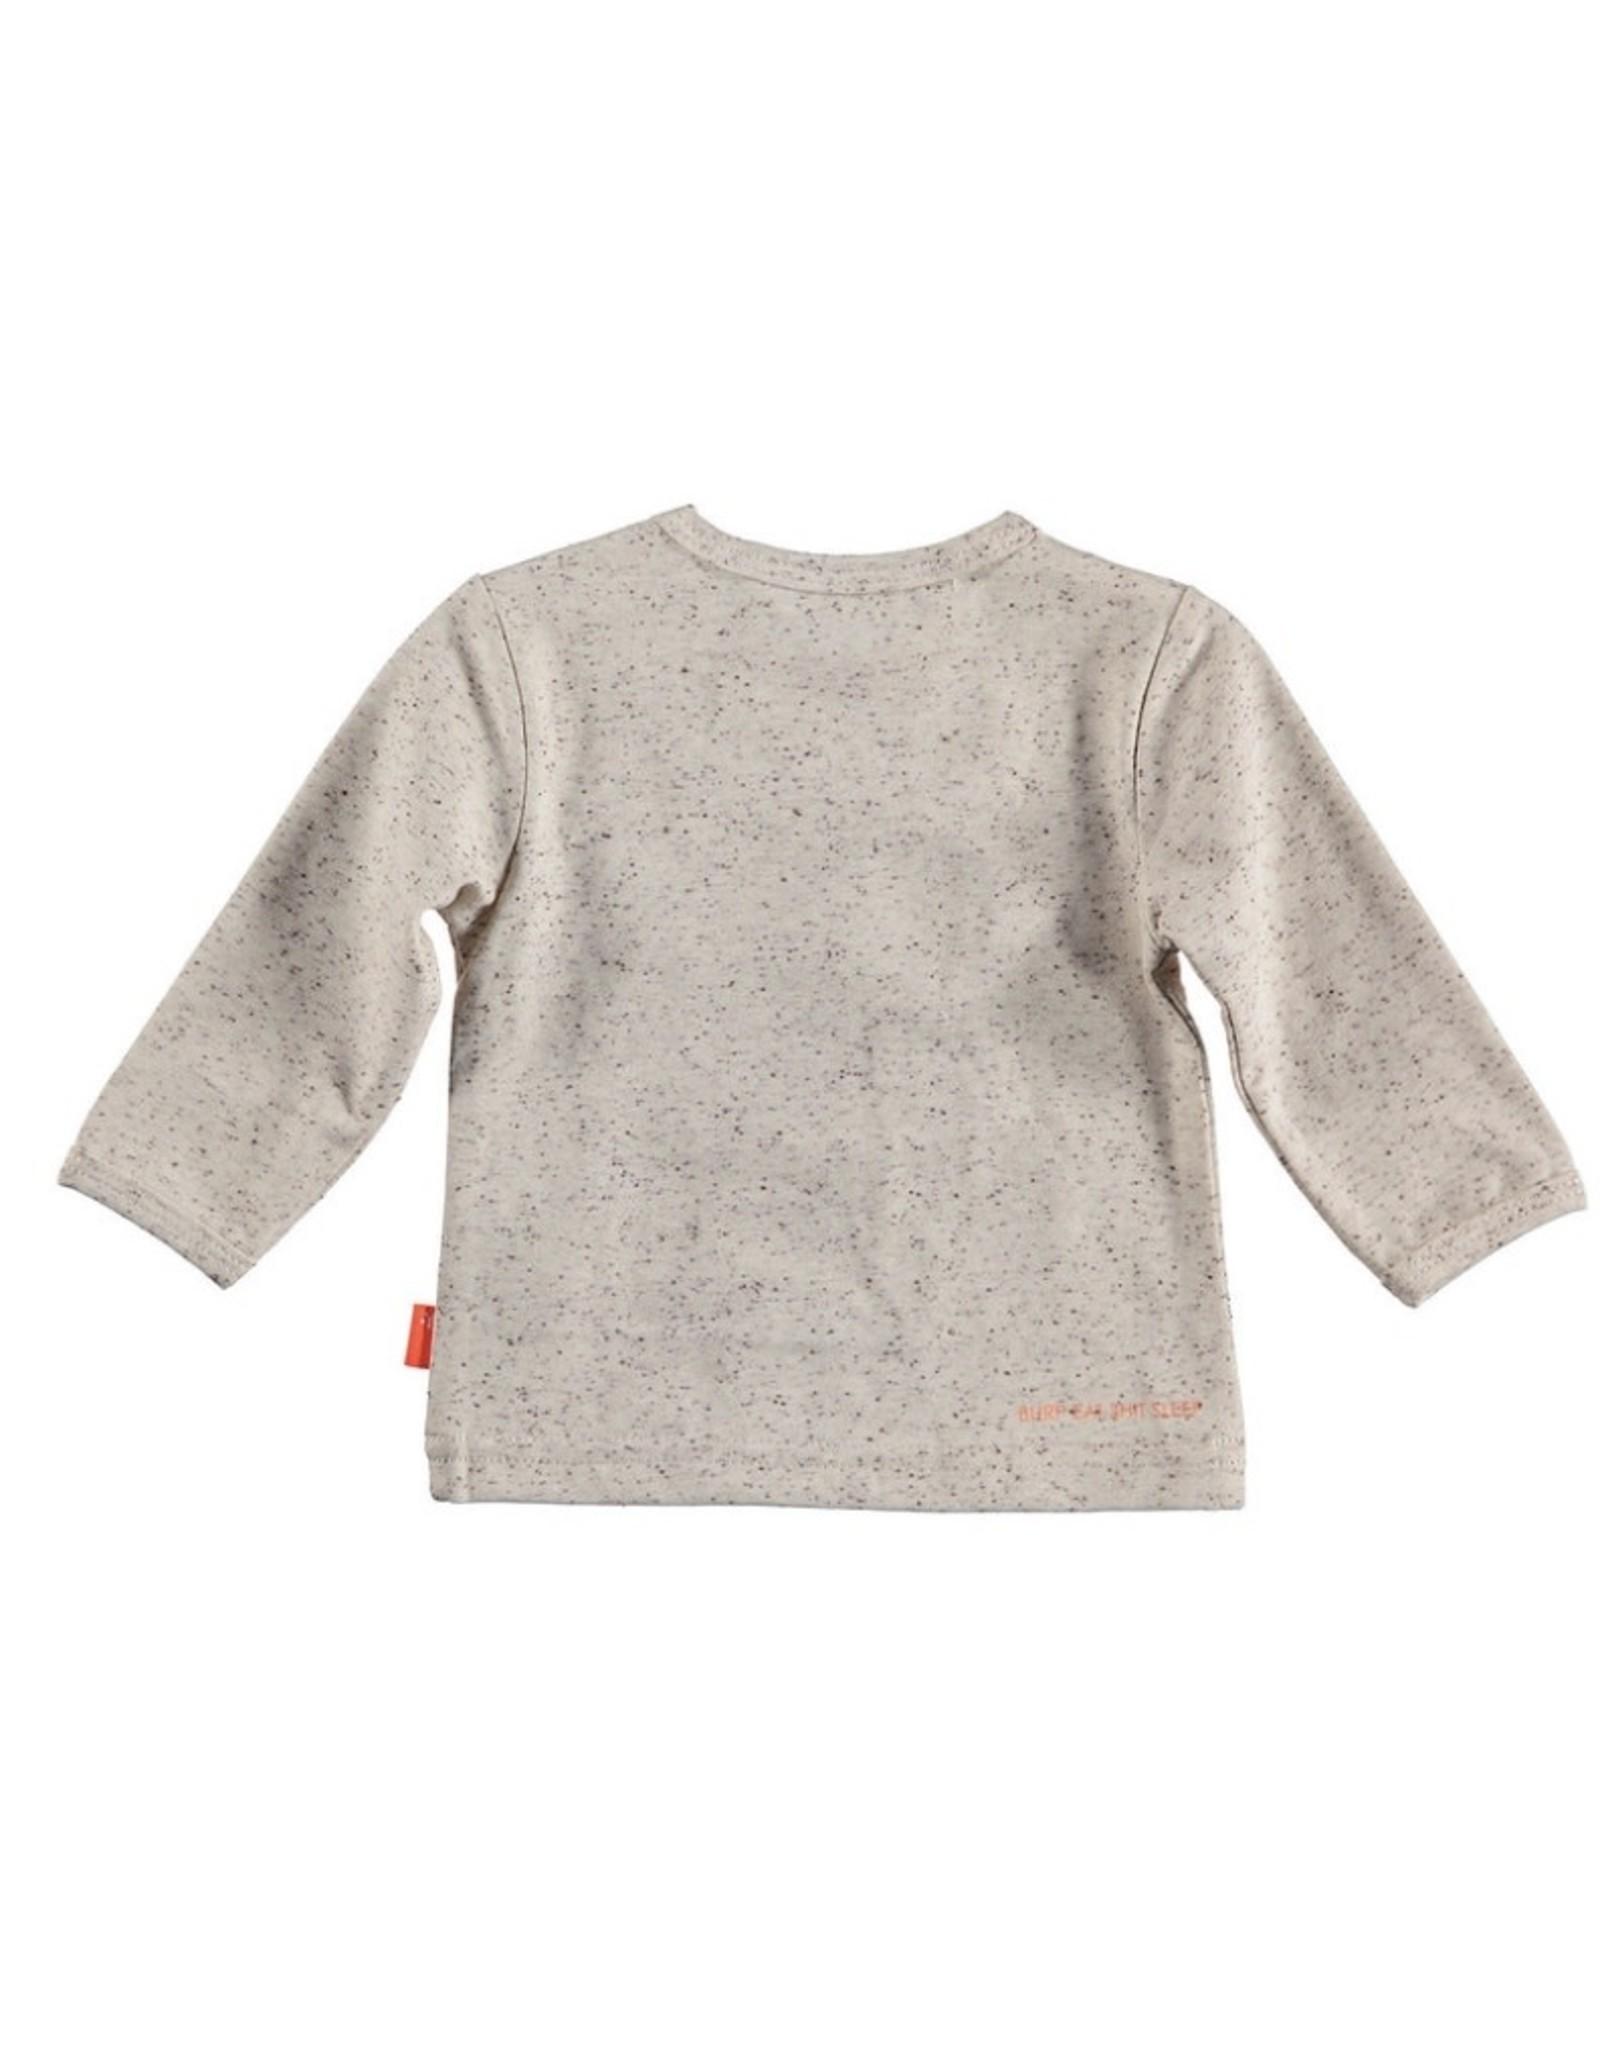 B*E*S*S 20261 T-Shirt